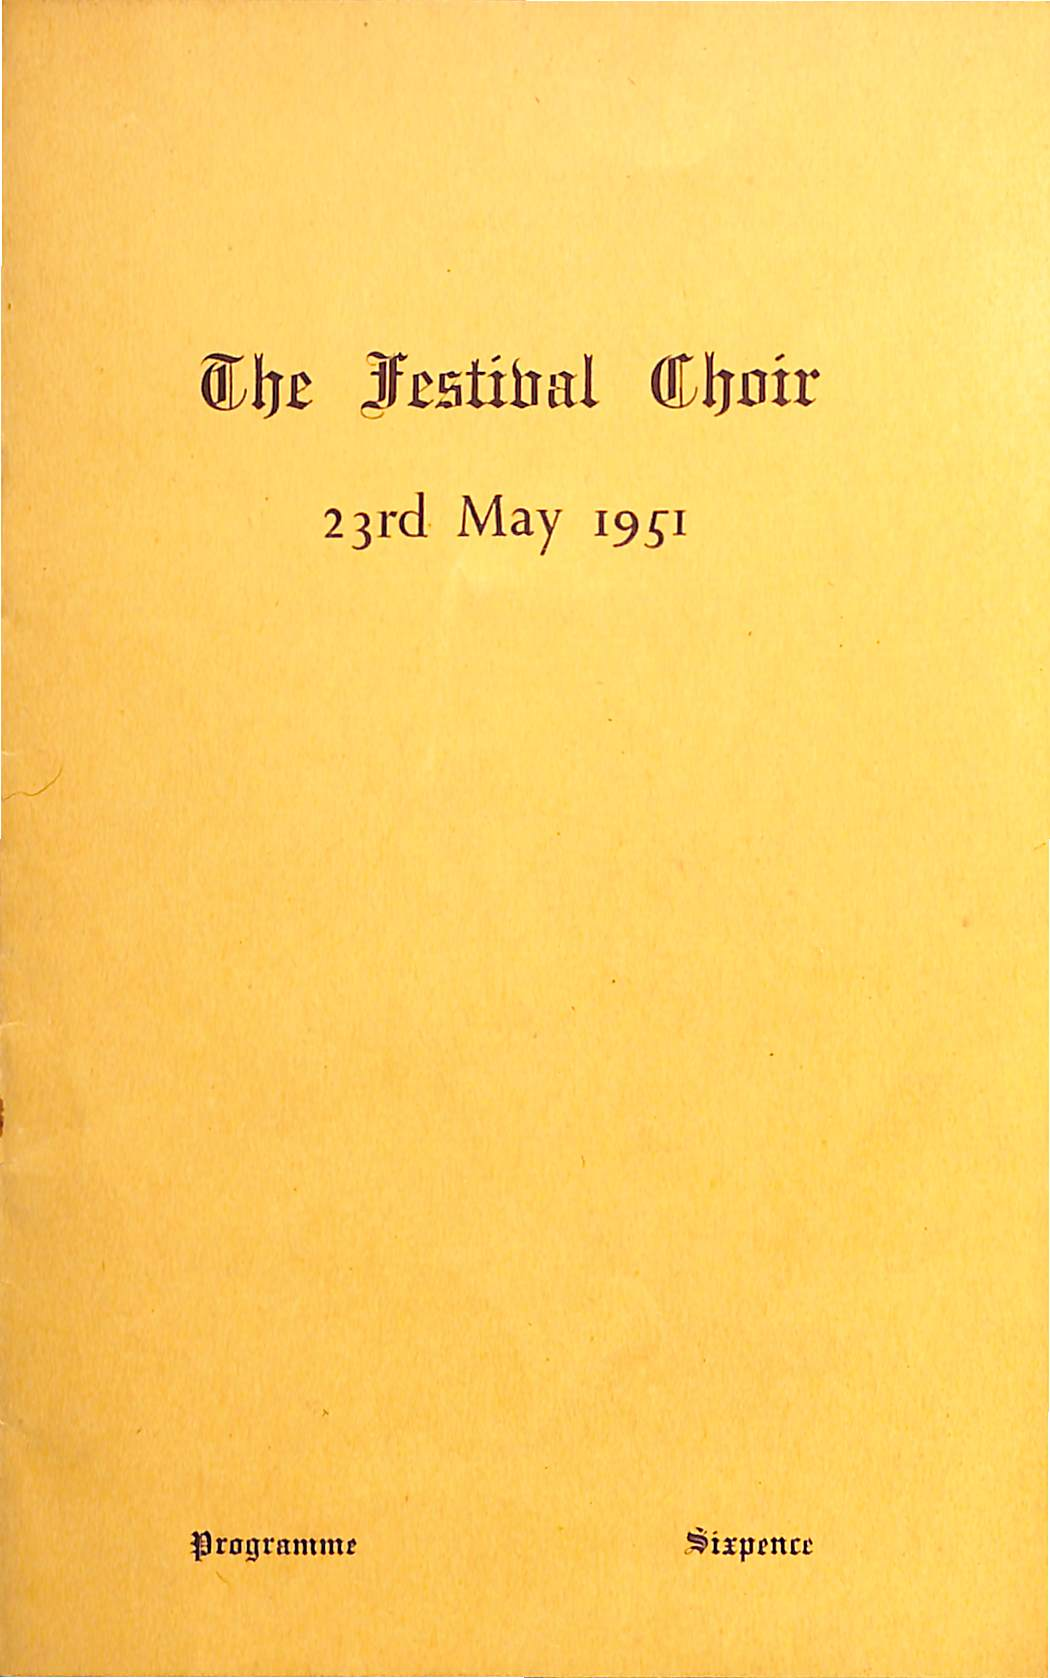 23 May 1951